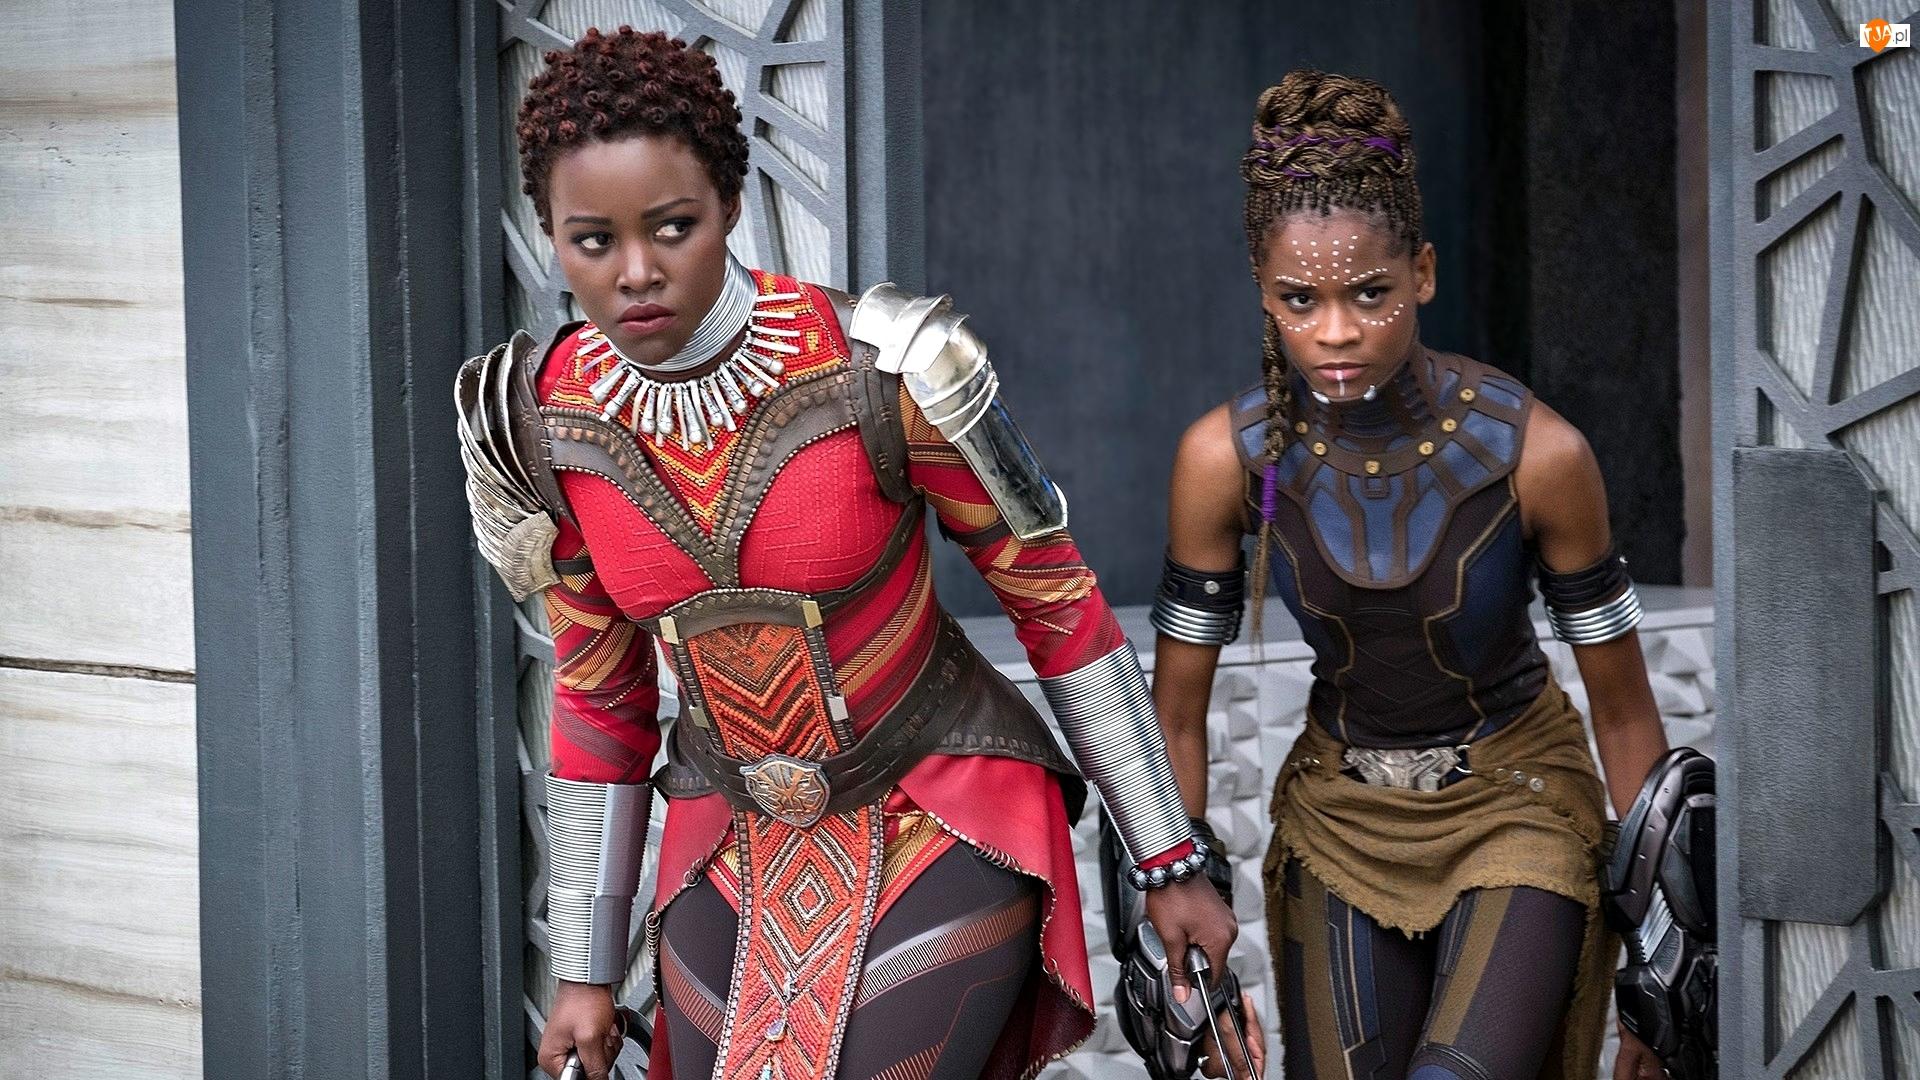 Letitia Wright - Shuri, Film, Czarna pantera, Black Panther, Lupita Nyongo - Nakia